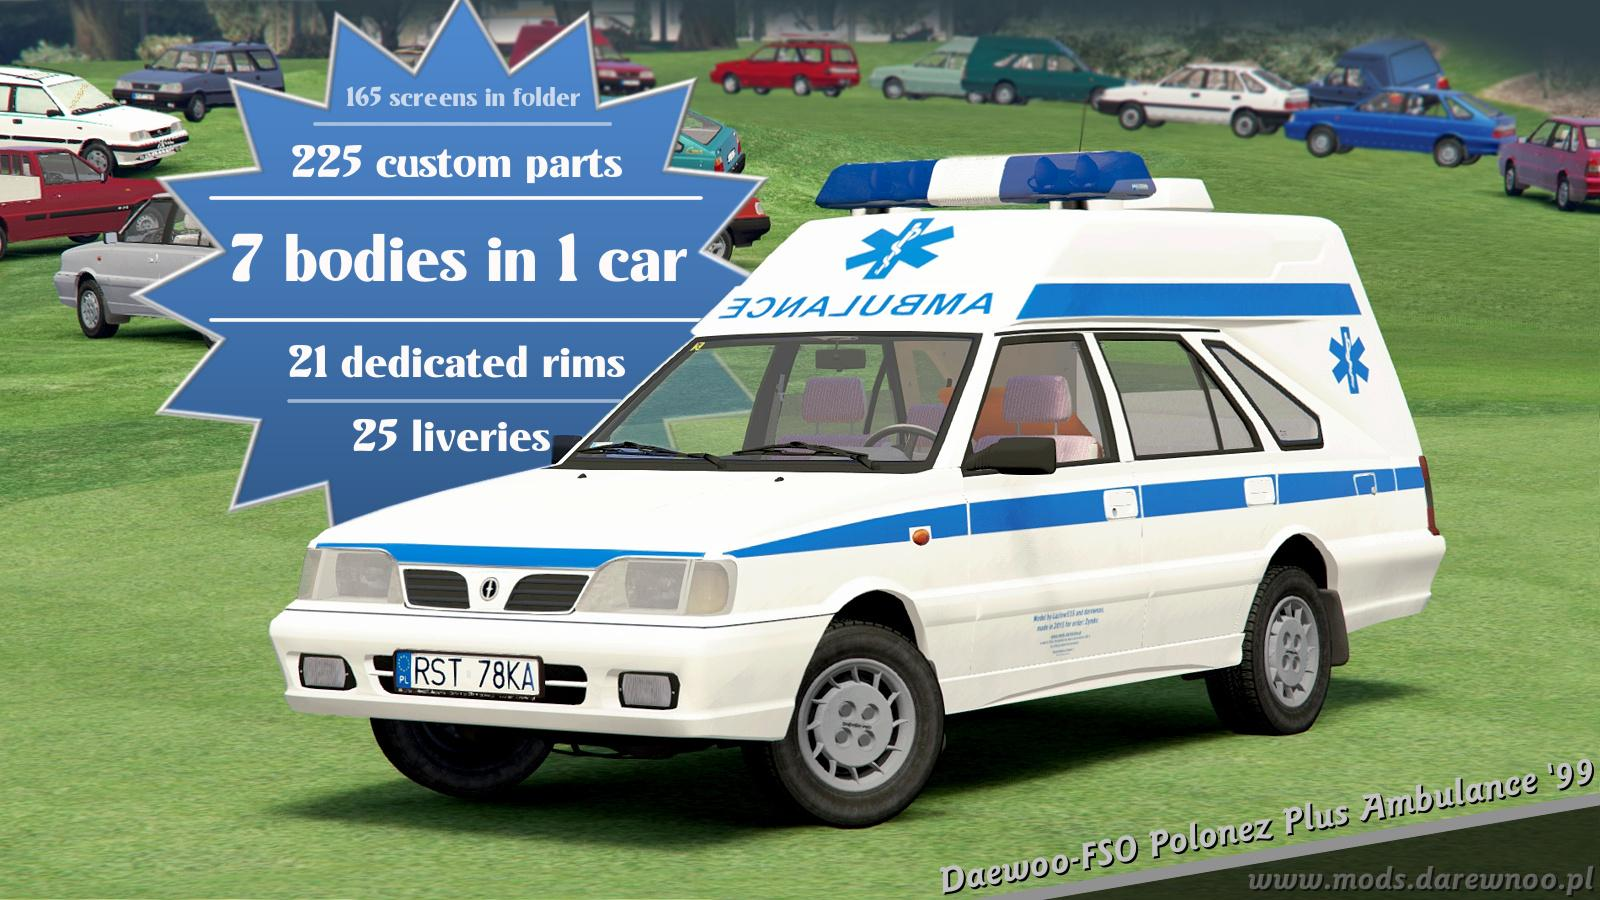 Daewoo Matiz 09 in addition Page 2003 20Attachment 20  20Daewoo further Najnowsze Szokujace Fakty Po Wydobyciu Samochodu Z Rzeki Policjanci Az Pobledli likewise 2427 Daewoo Tico5 1 as well 485666. on daewoo tico